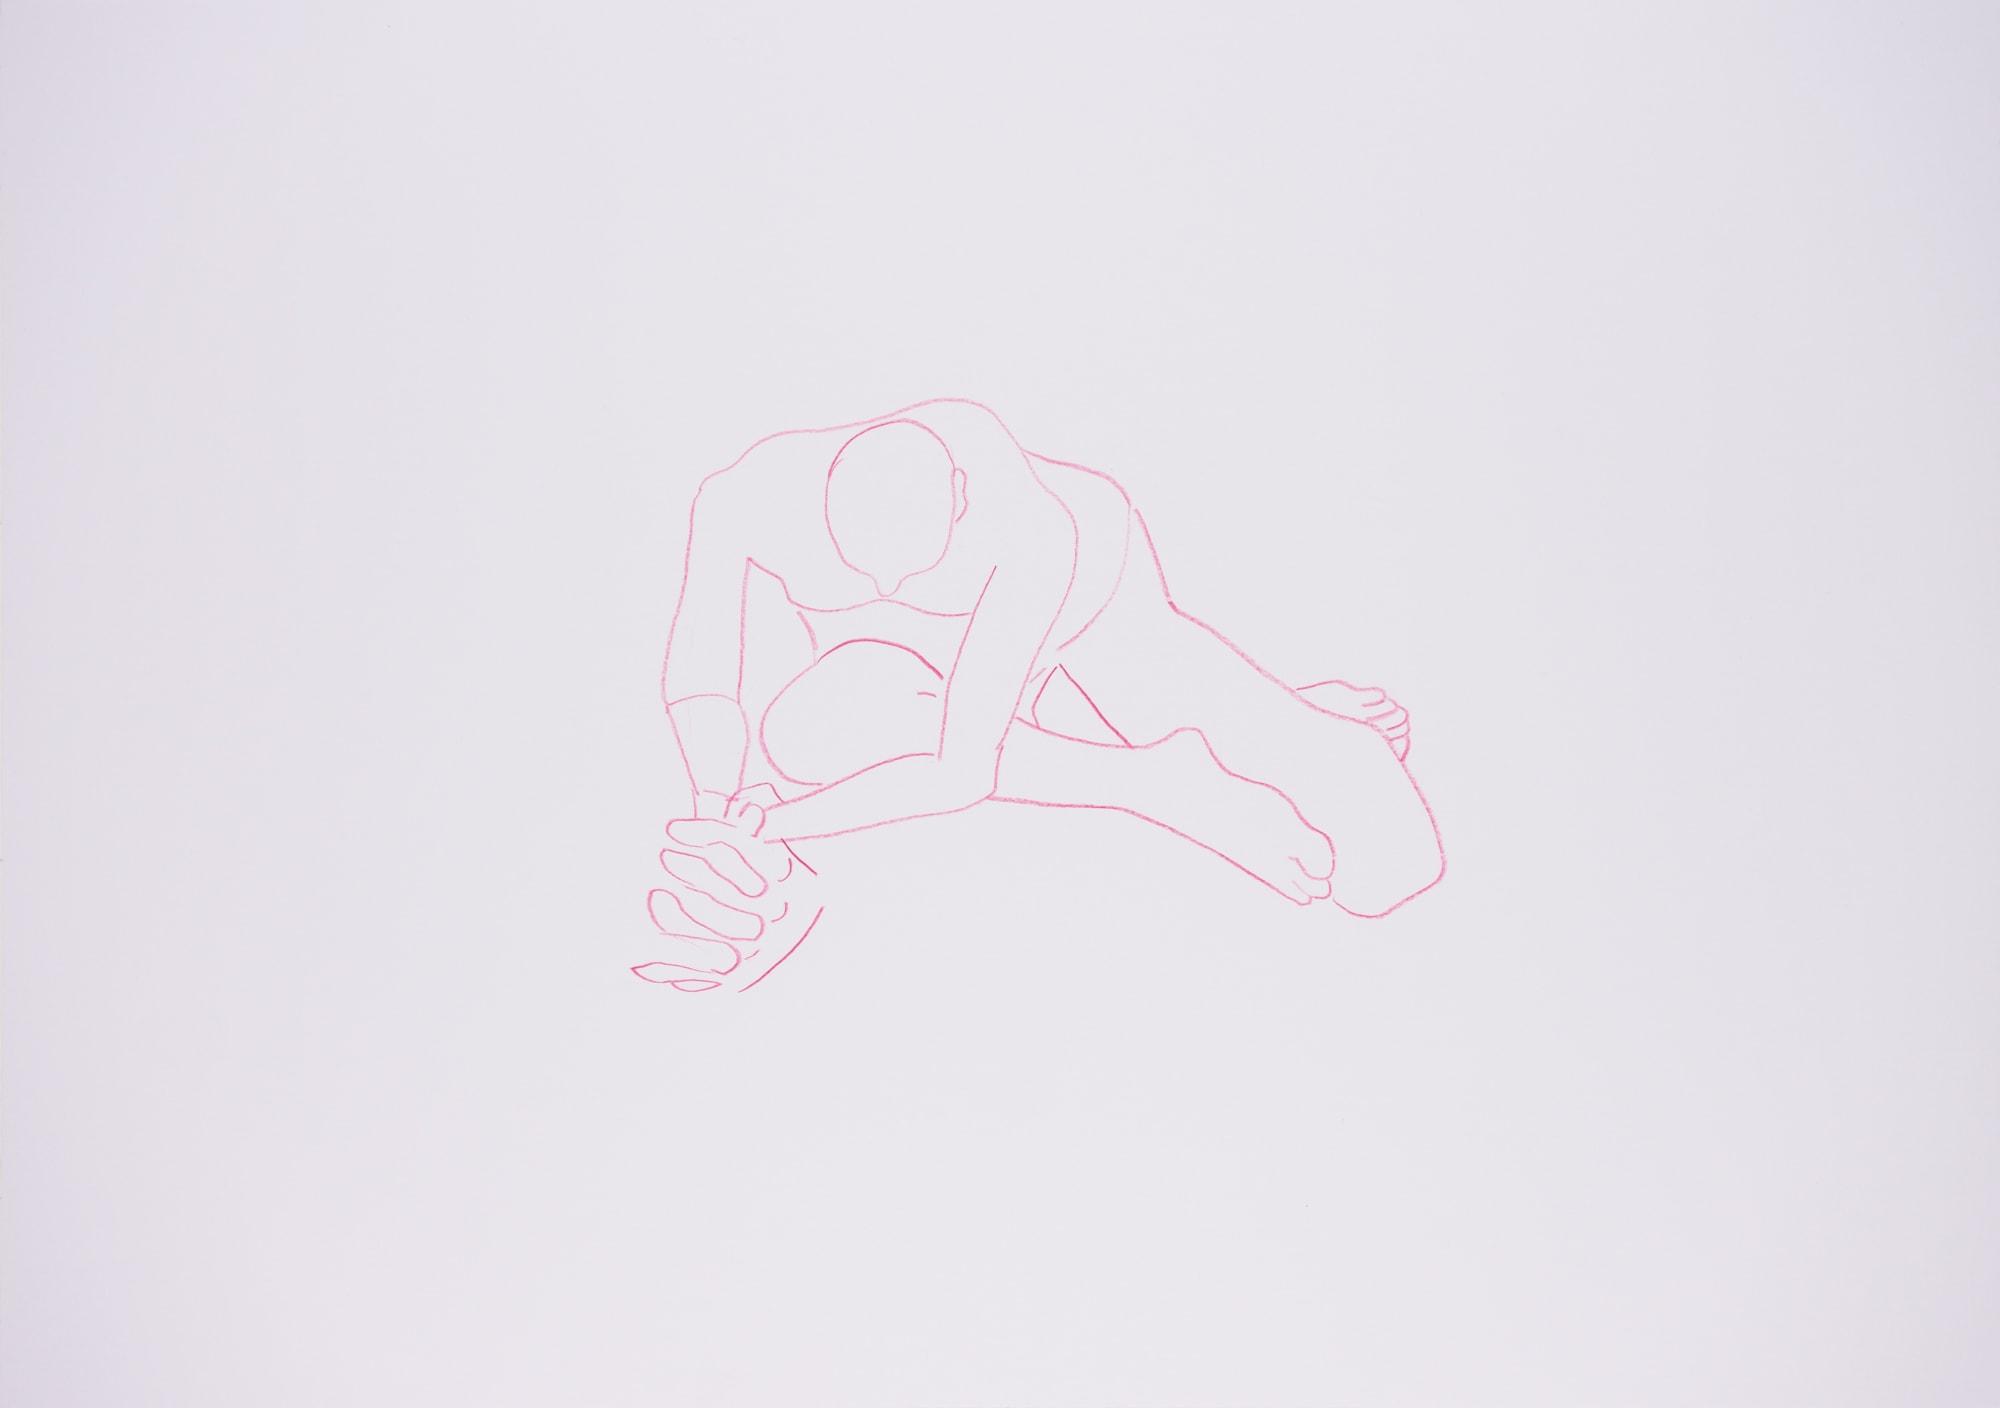 Zeichnung, Farbstift auf Papier, 59,4x420cm,Männerakt, Künstlerin: Franziska King